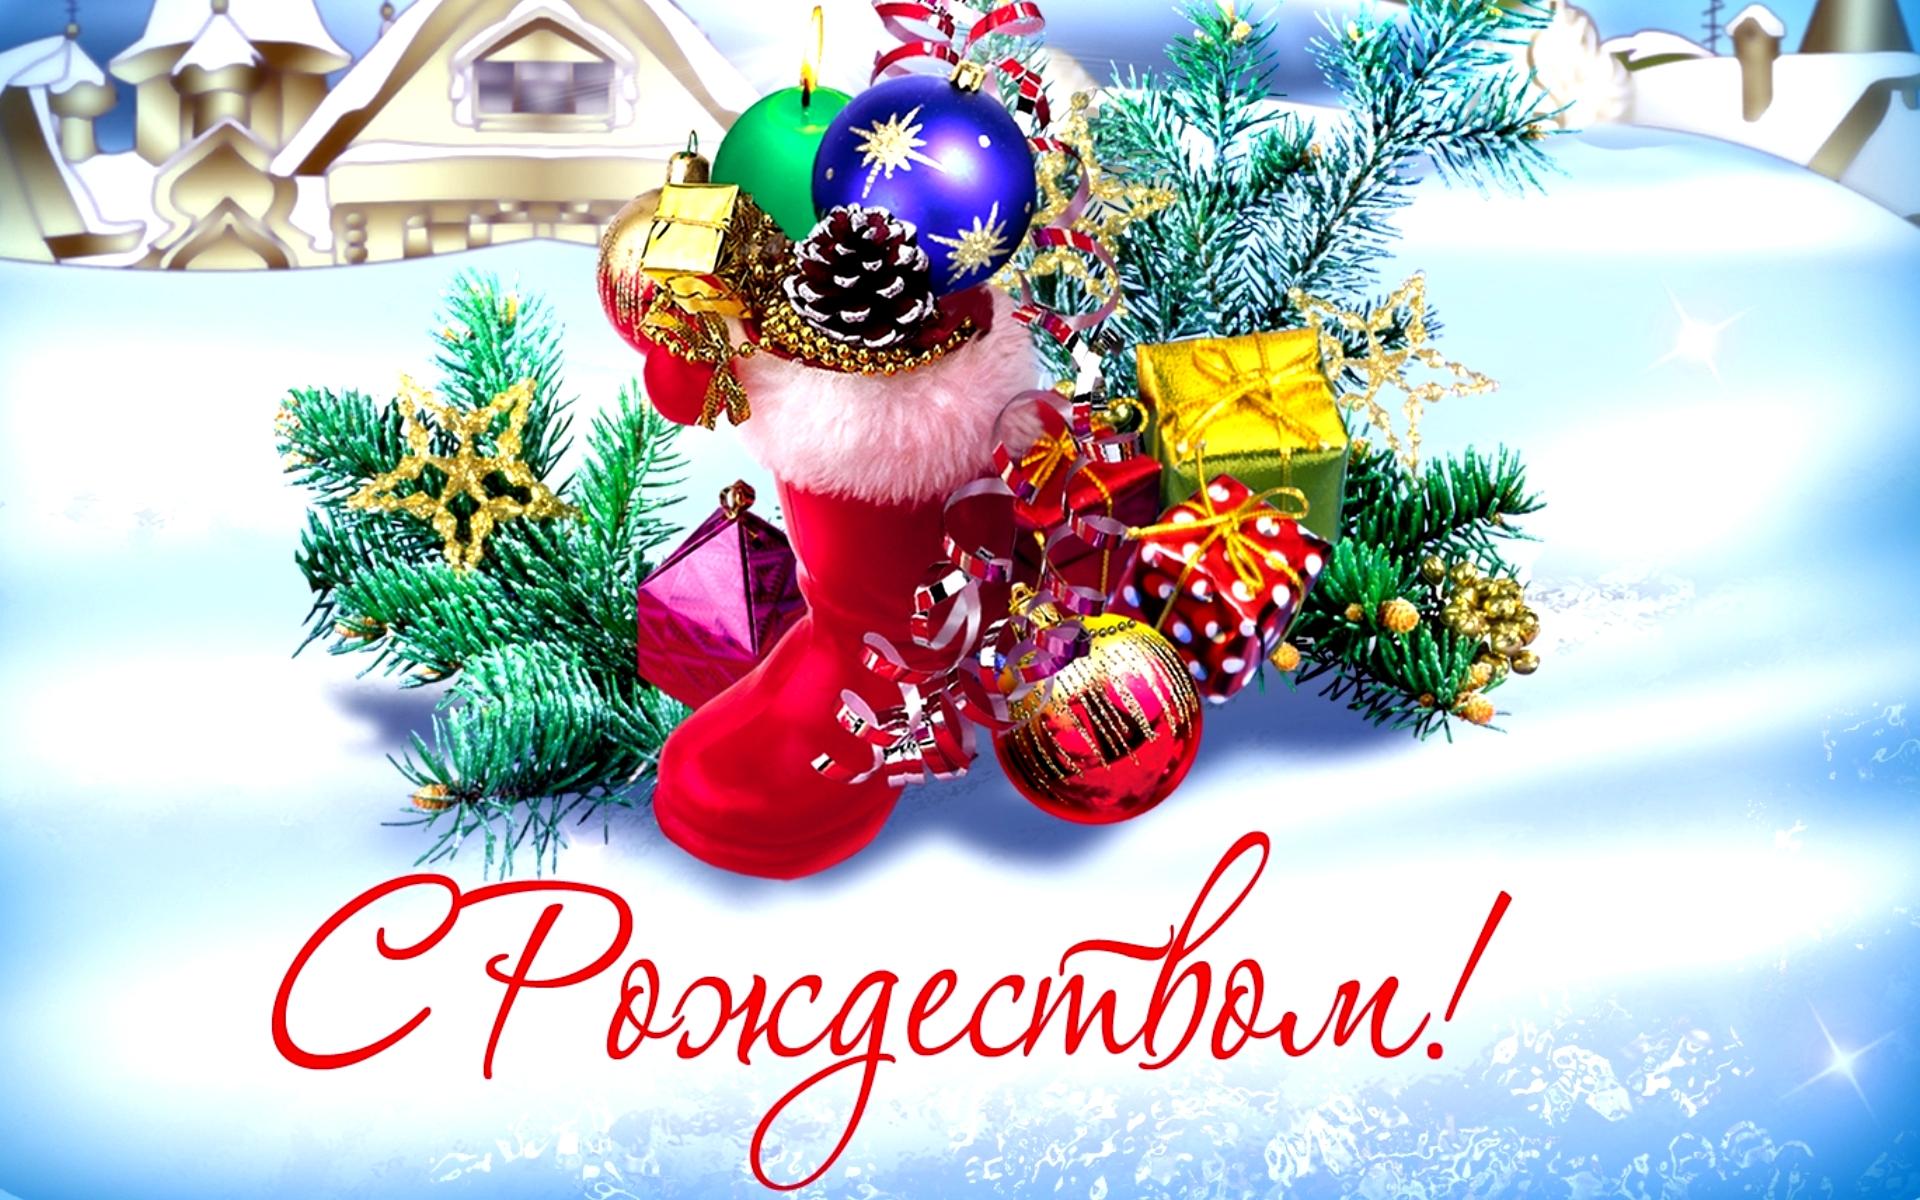 С Рождеством! - C Рождеством Христовым поздравительные картинки